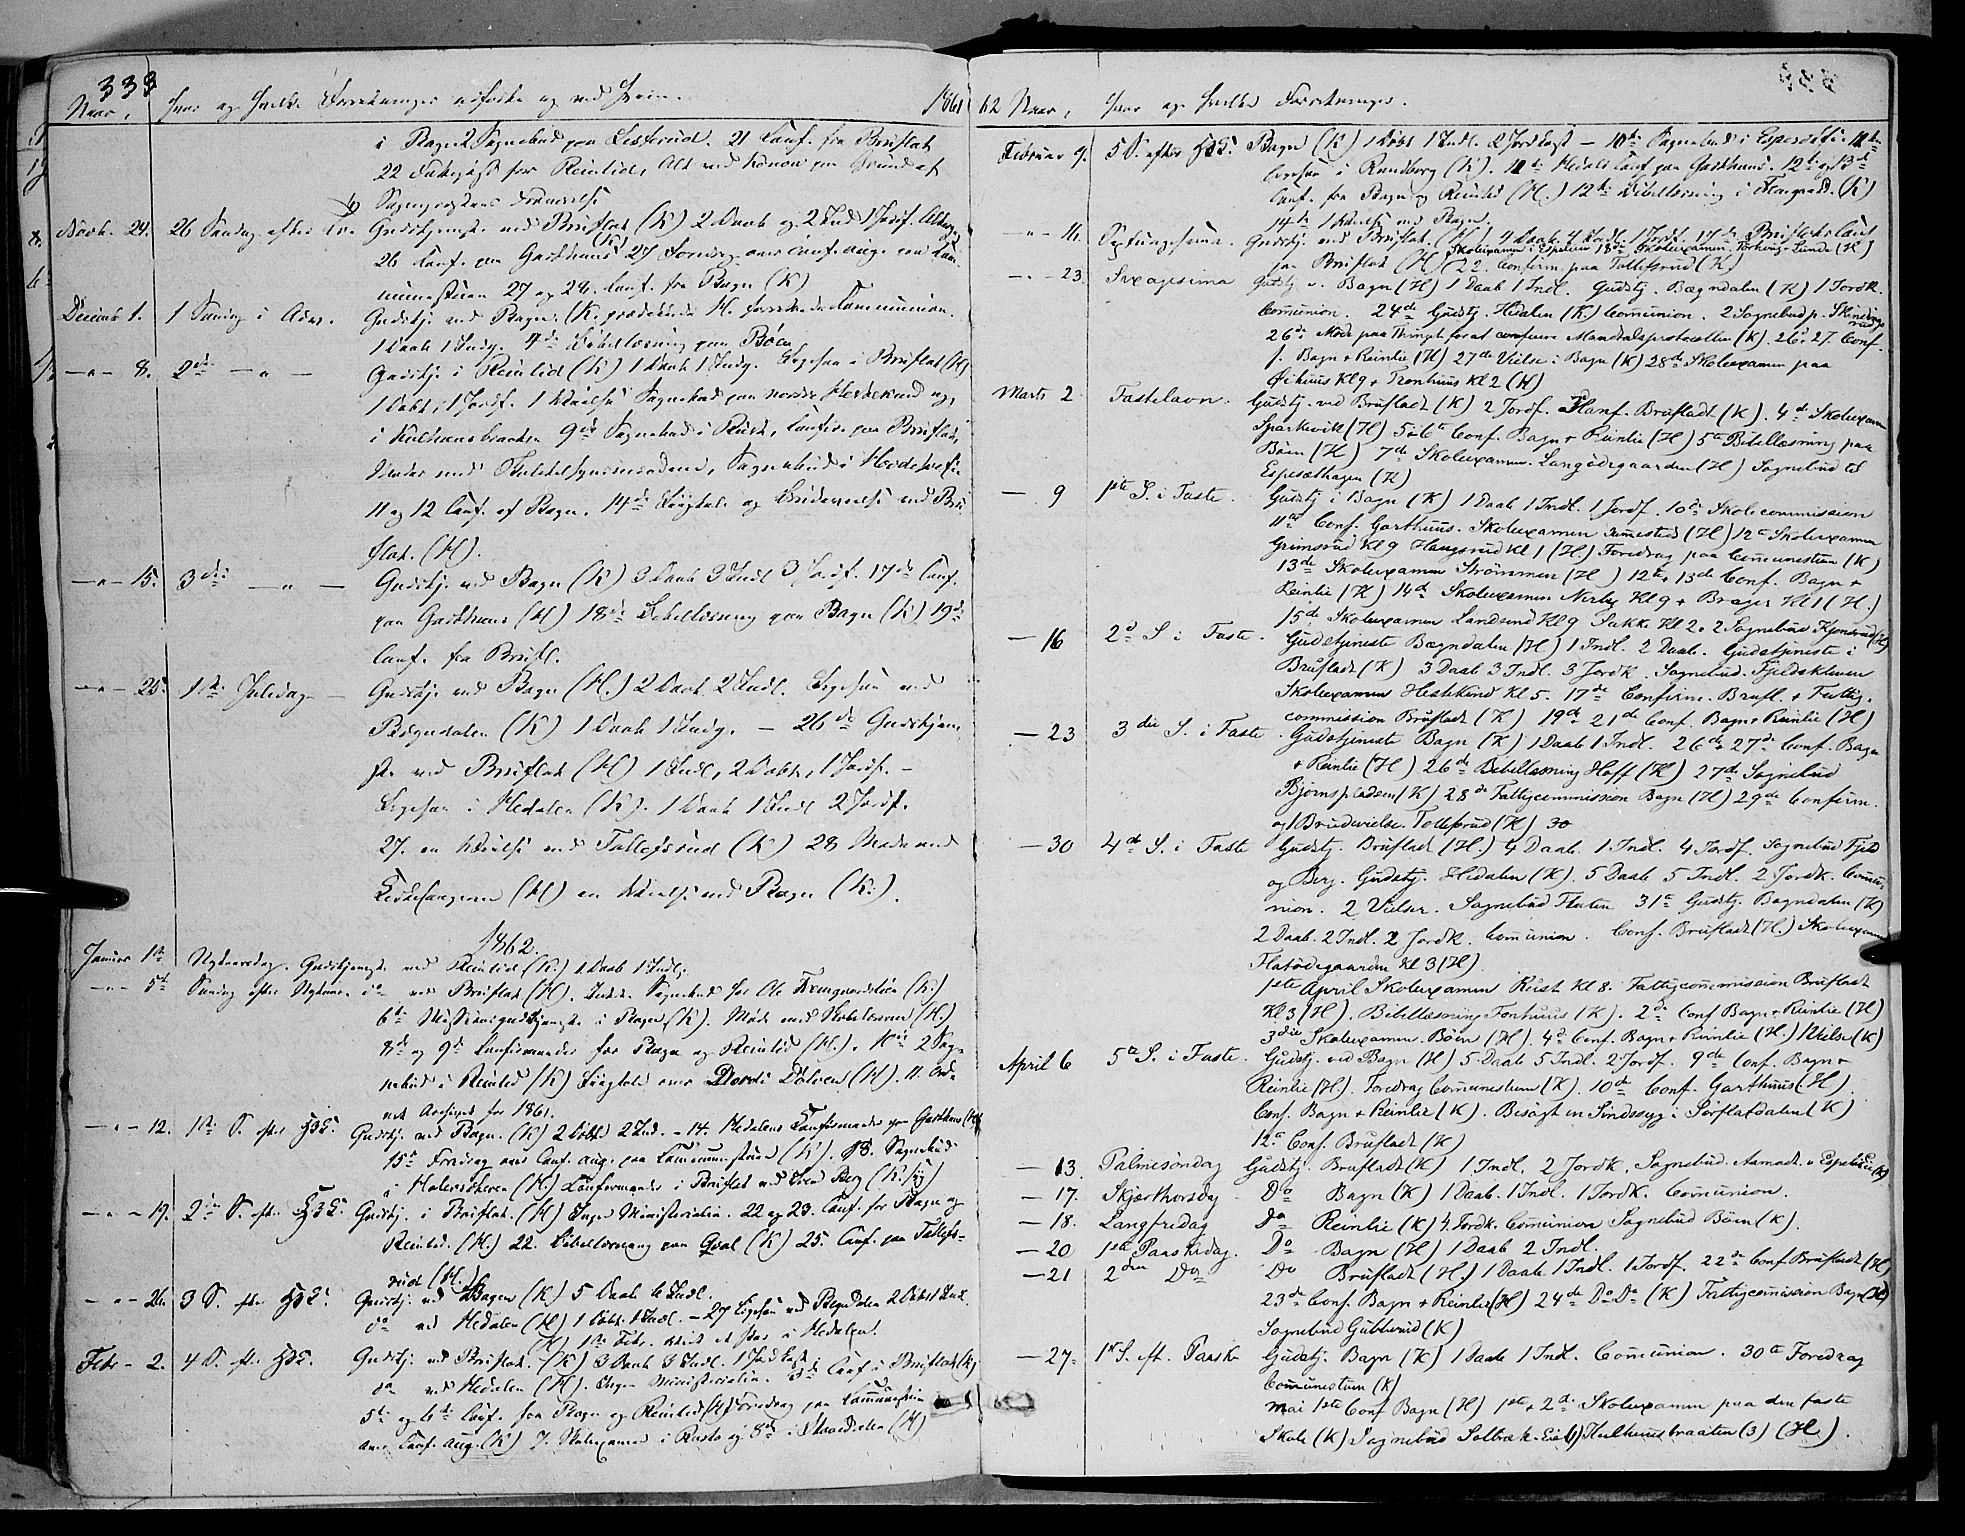 SAH, Sør-Aurdal prestekontor, Ministerialbok nr. 5, 1849-1876, s. 333